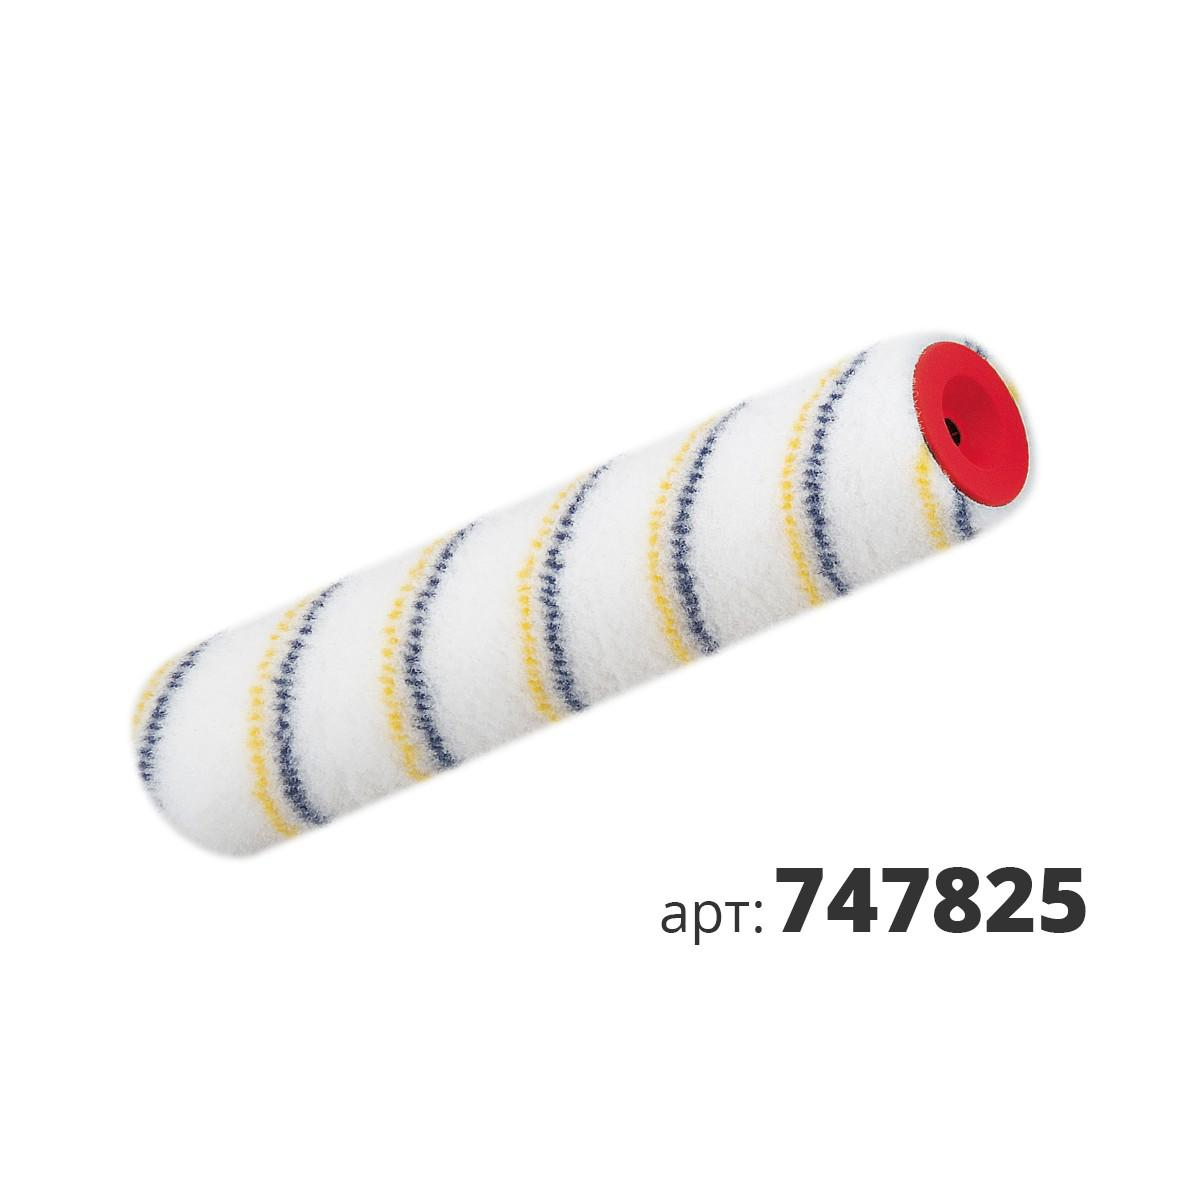 МАКО валик сменный mako® nyl, тканный полиамид, крученое волокно, без выпадения ворса 747825